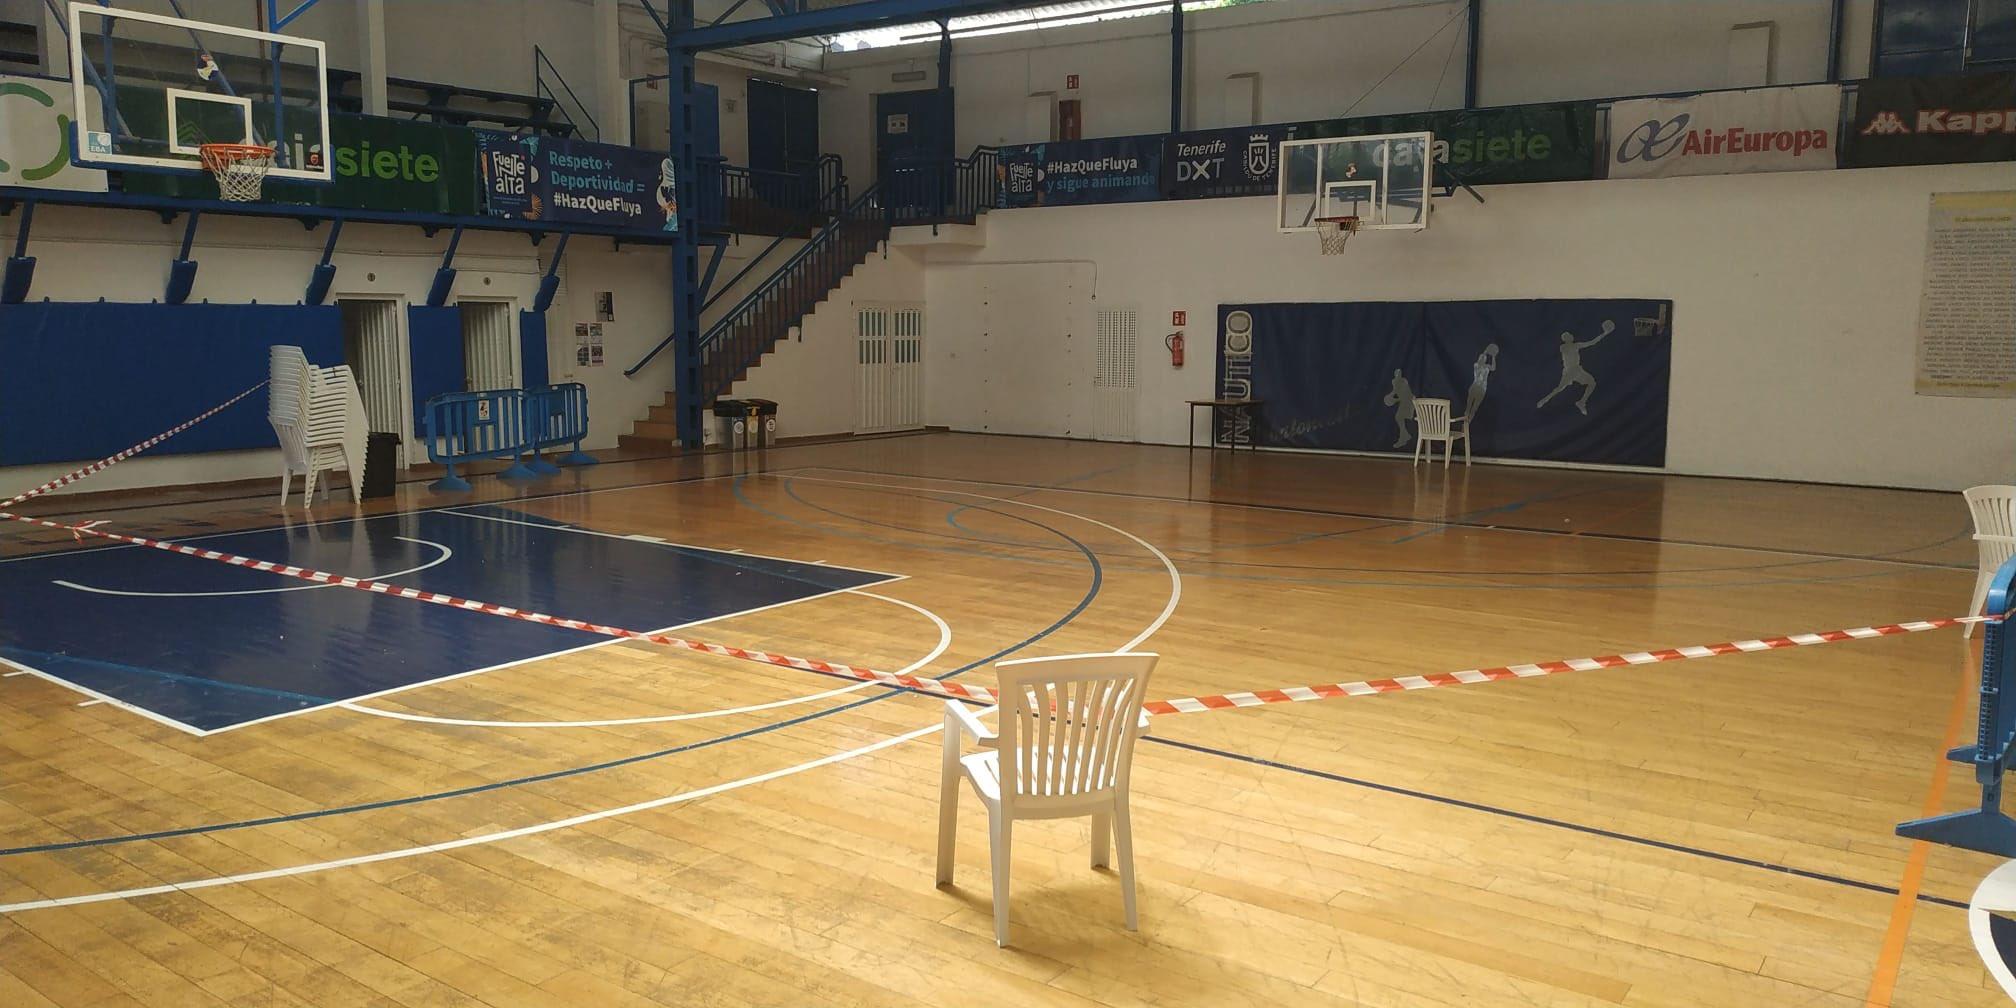 Las obras de la cancha del Náutico avanzan a buen ritmo, pero su equipo EBA seguirá entrenando en el Paco Álvarez